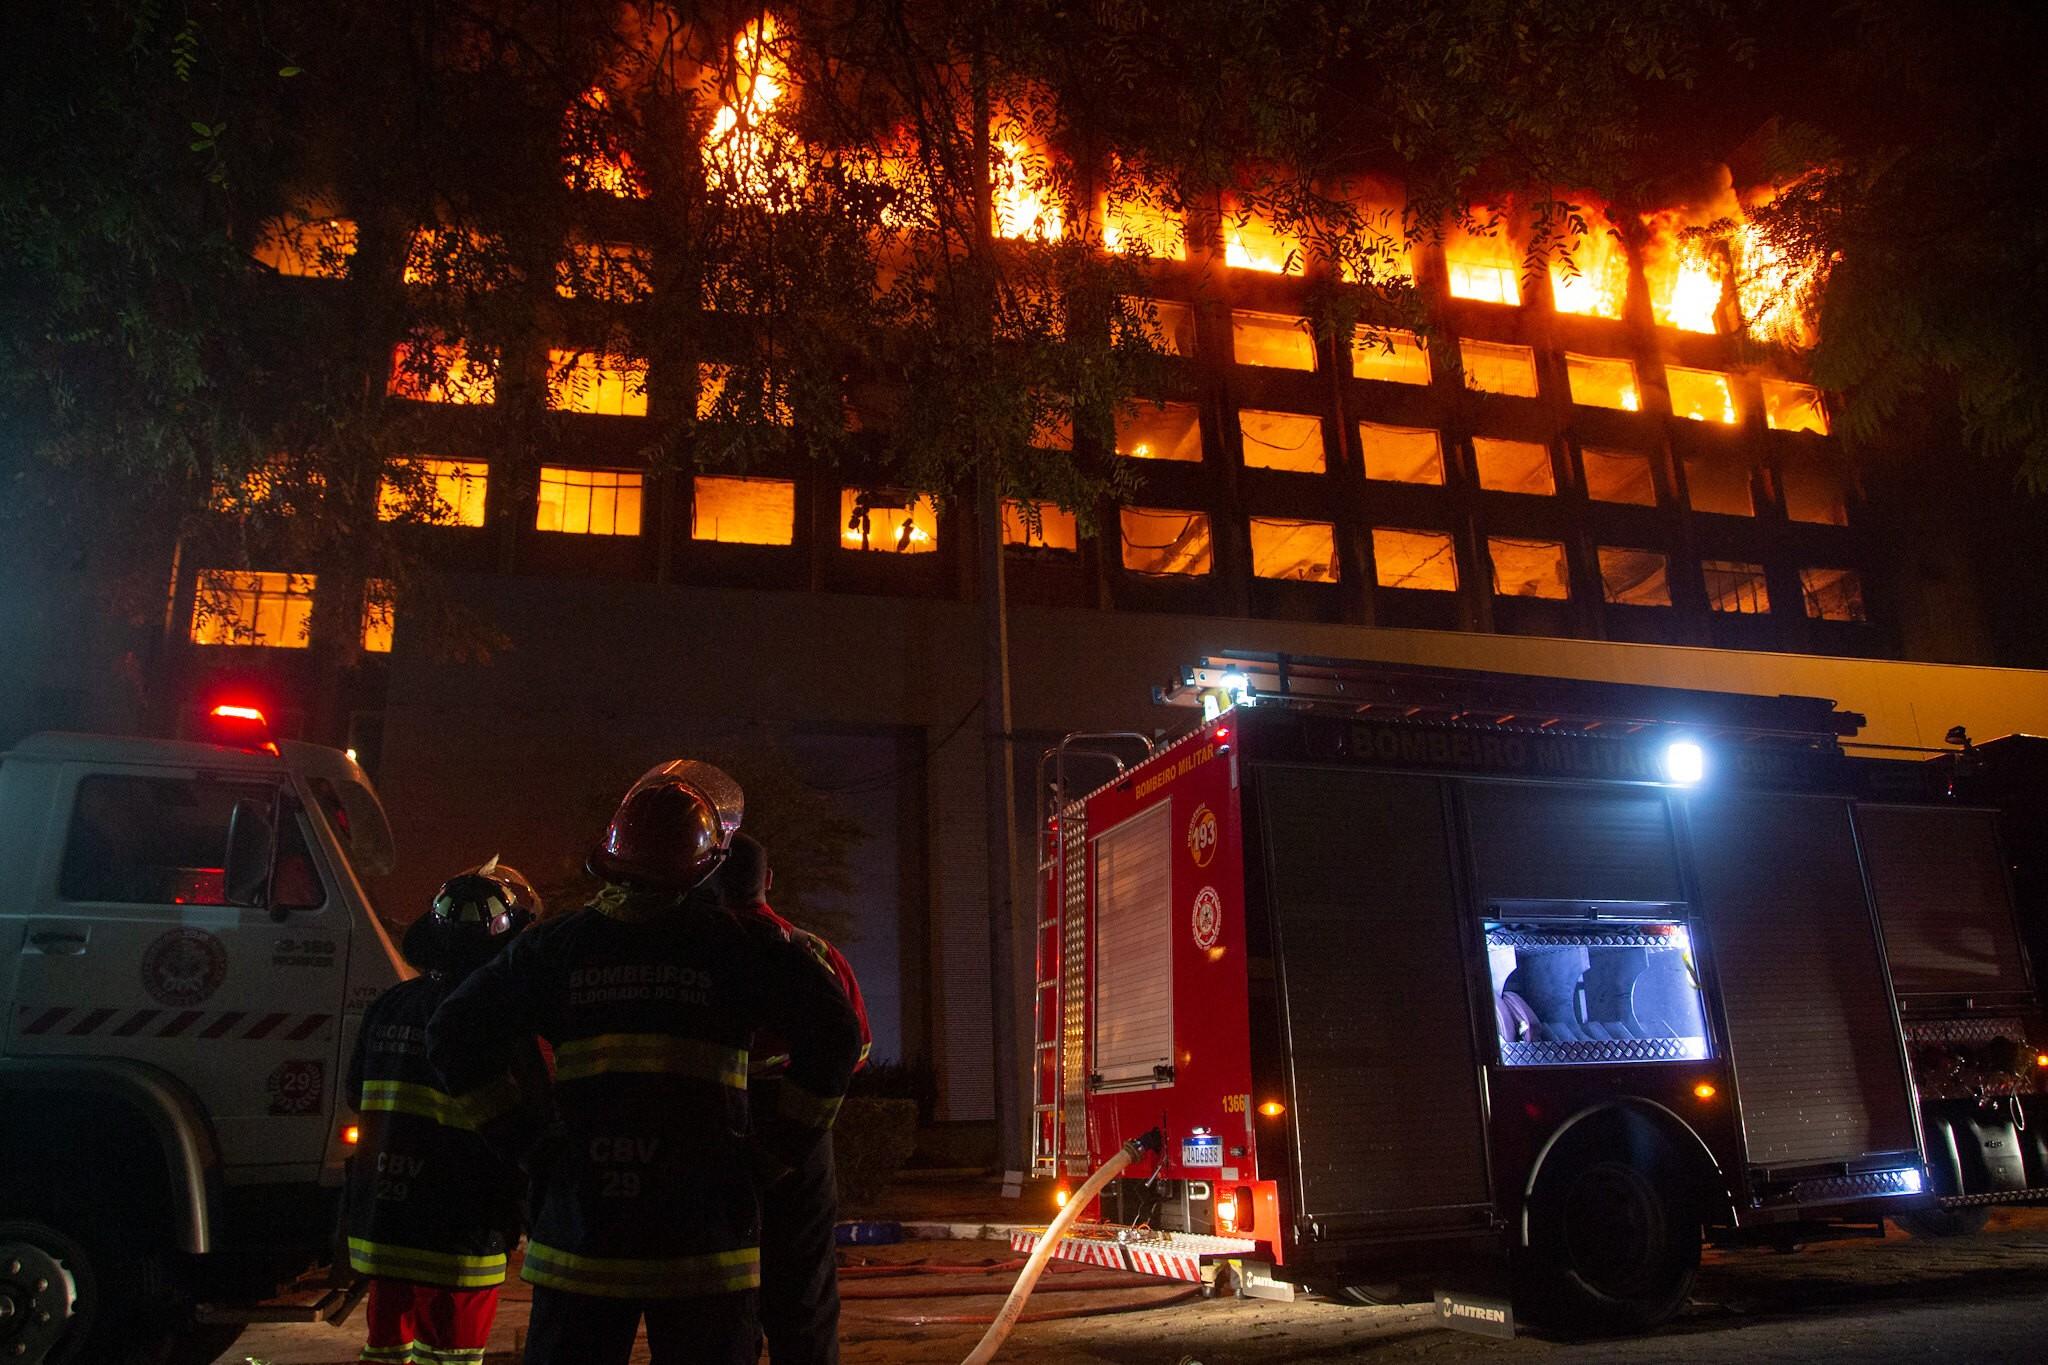 Incêndio que destruiu totalmente a SSP/RS e junto arquivos e documentos importantes. Aos olhos de quem estava lá foi um incêndio rápido e devastador . Tem que ser muito bem investigado.